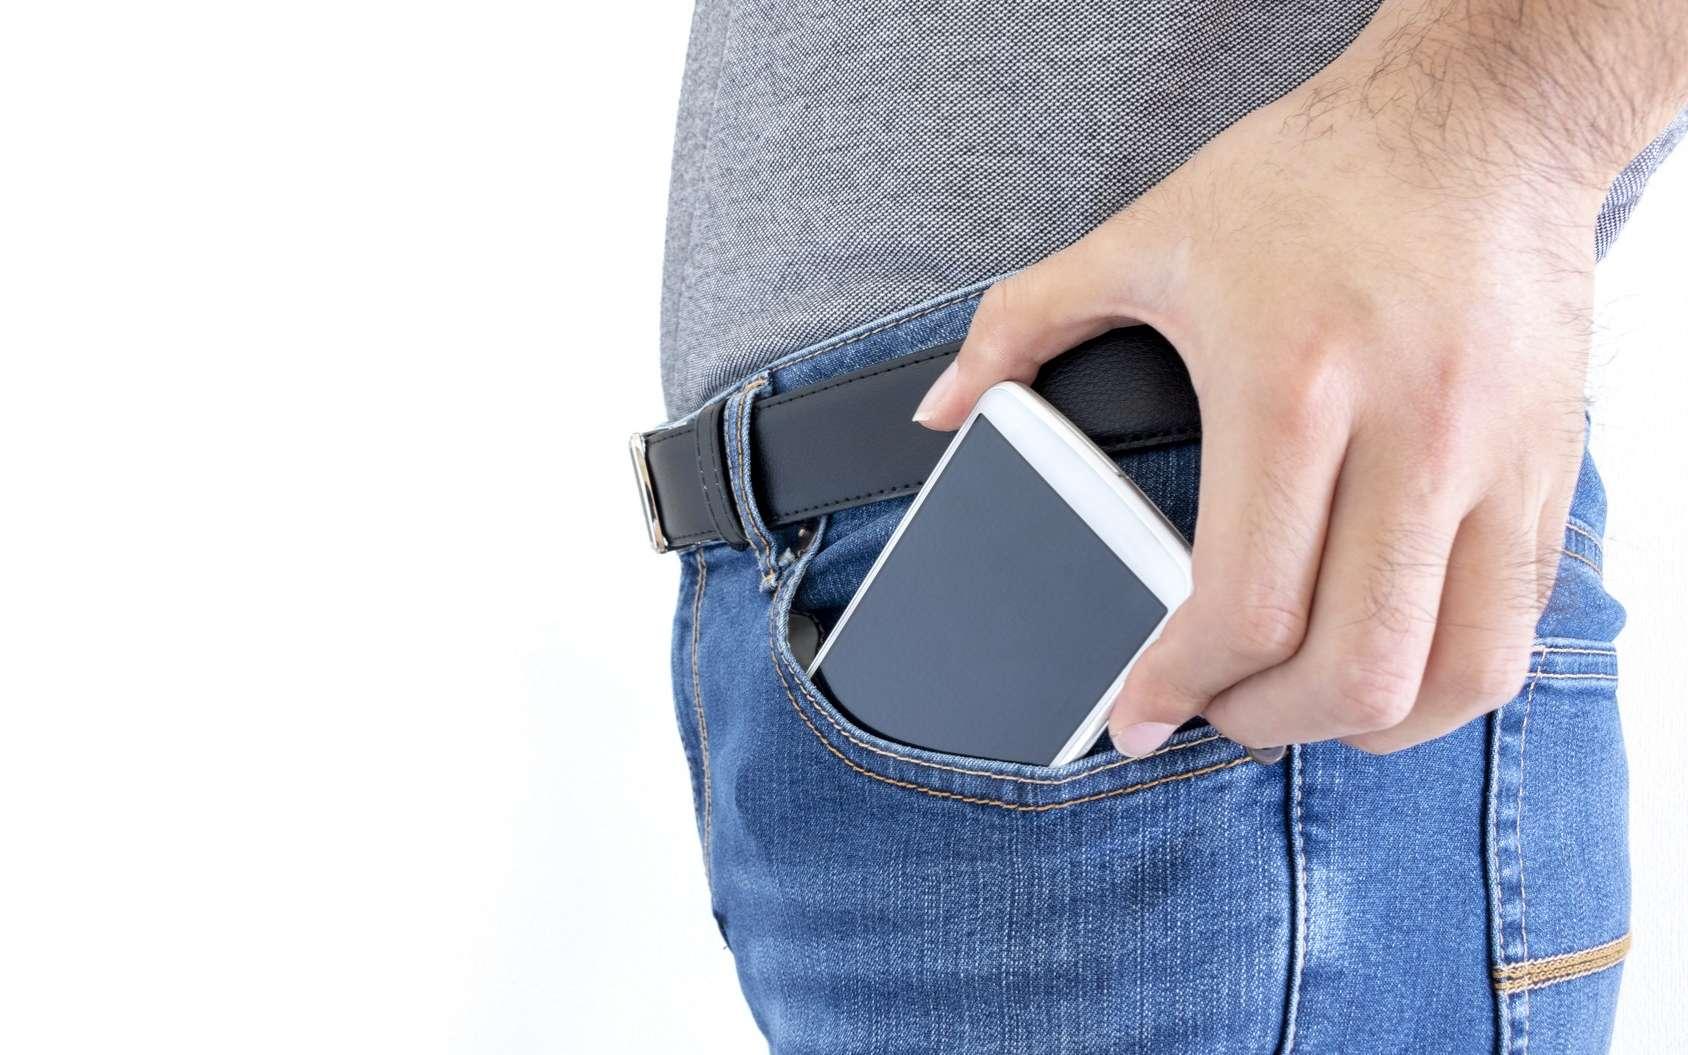 Le téléphone dans la poche du pantalon, une bien mauvaise idée. © poko42, Fotolia